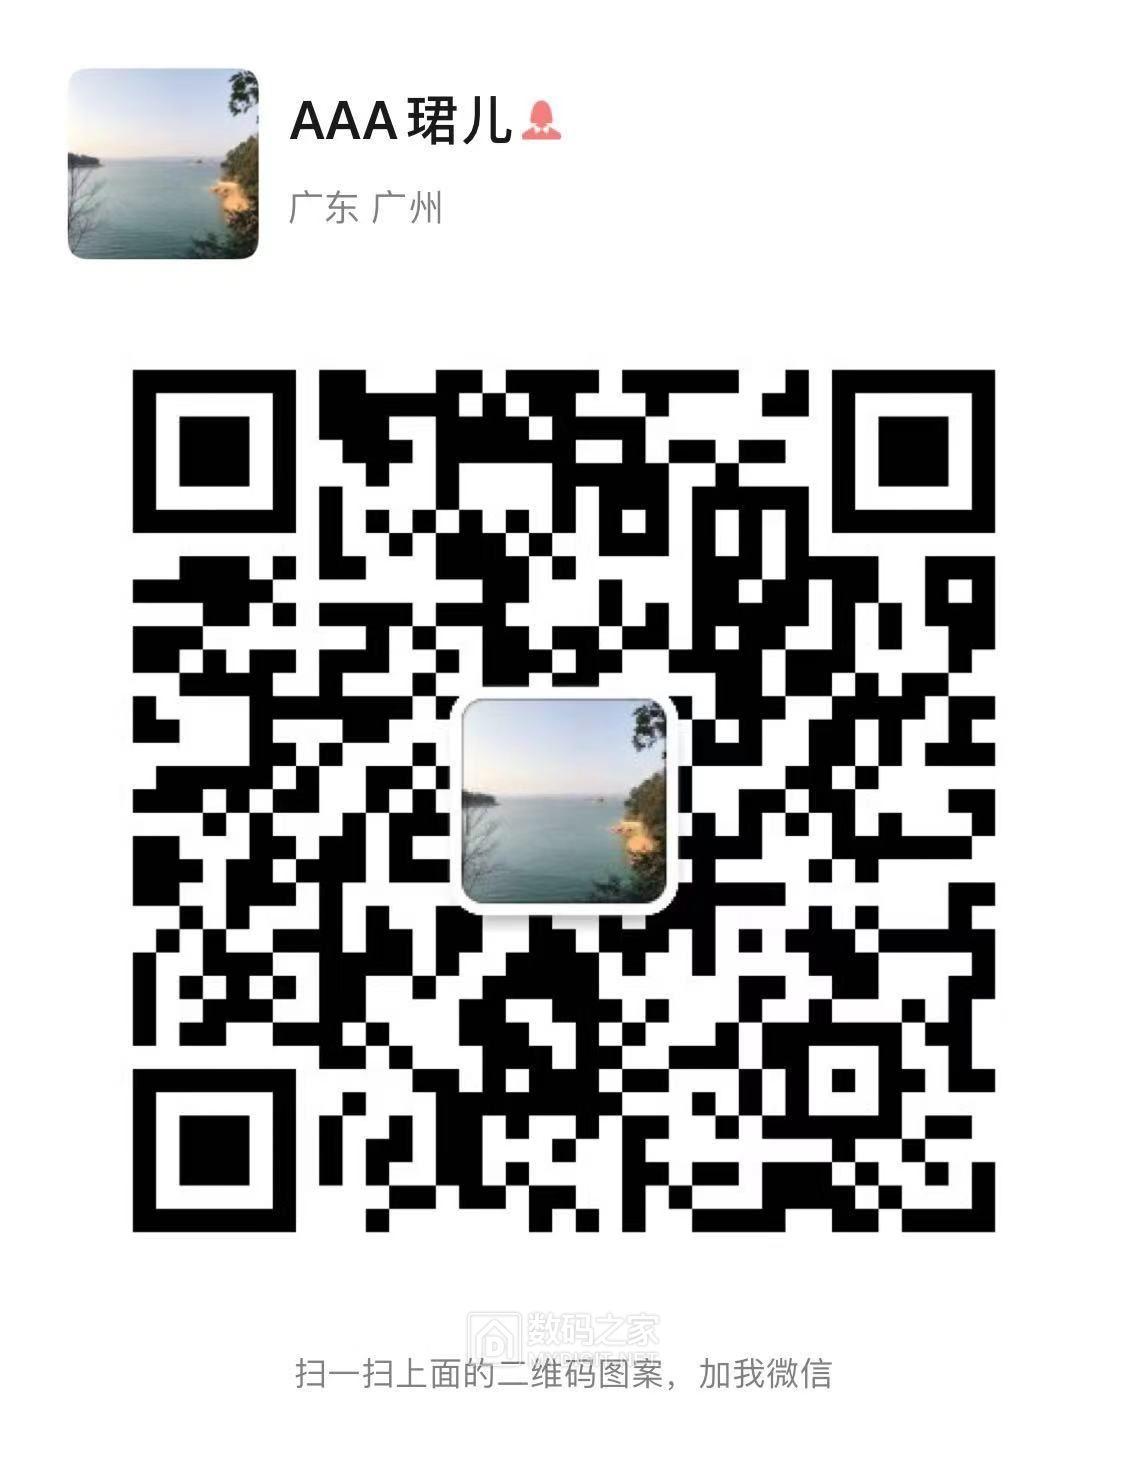 全新羅技M170定制Logo